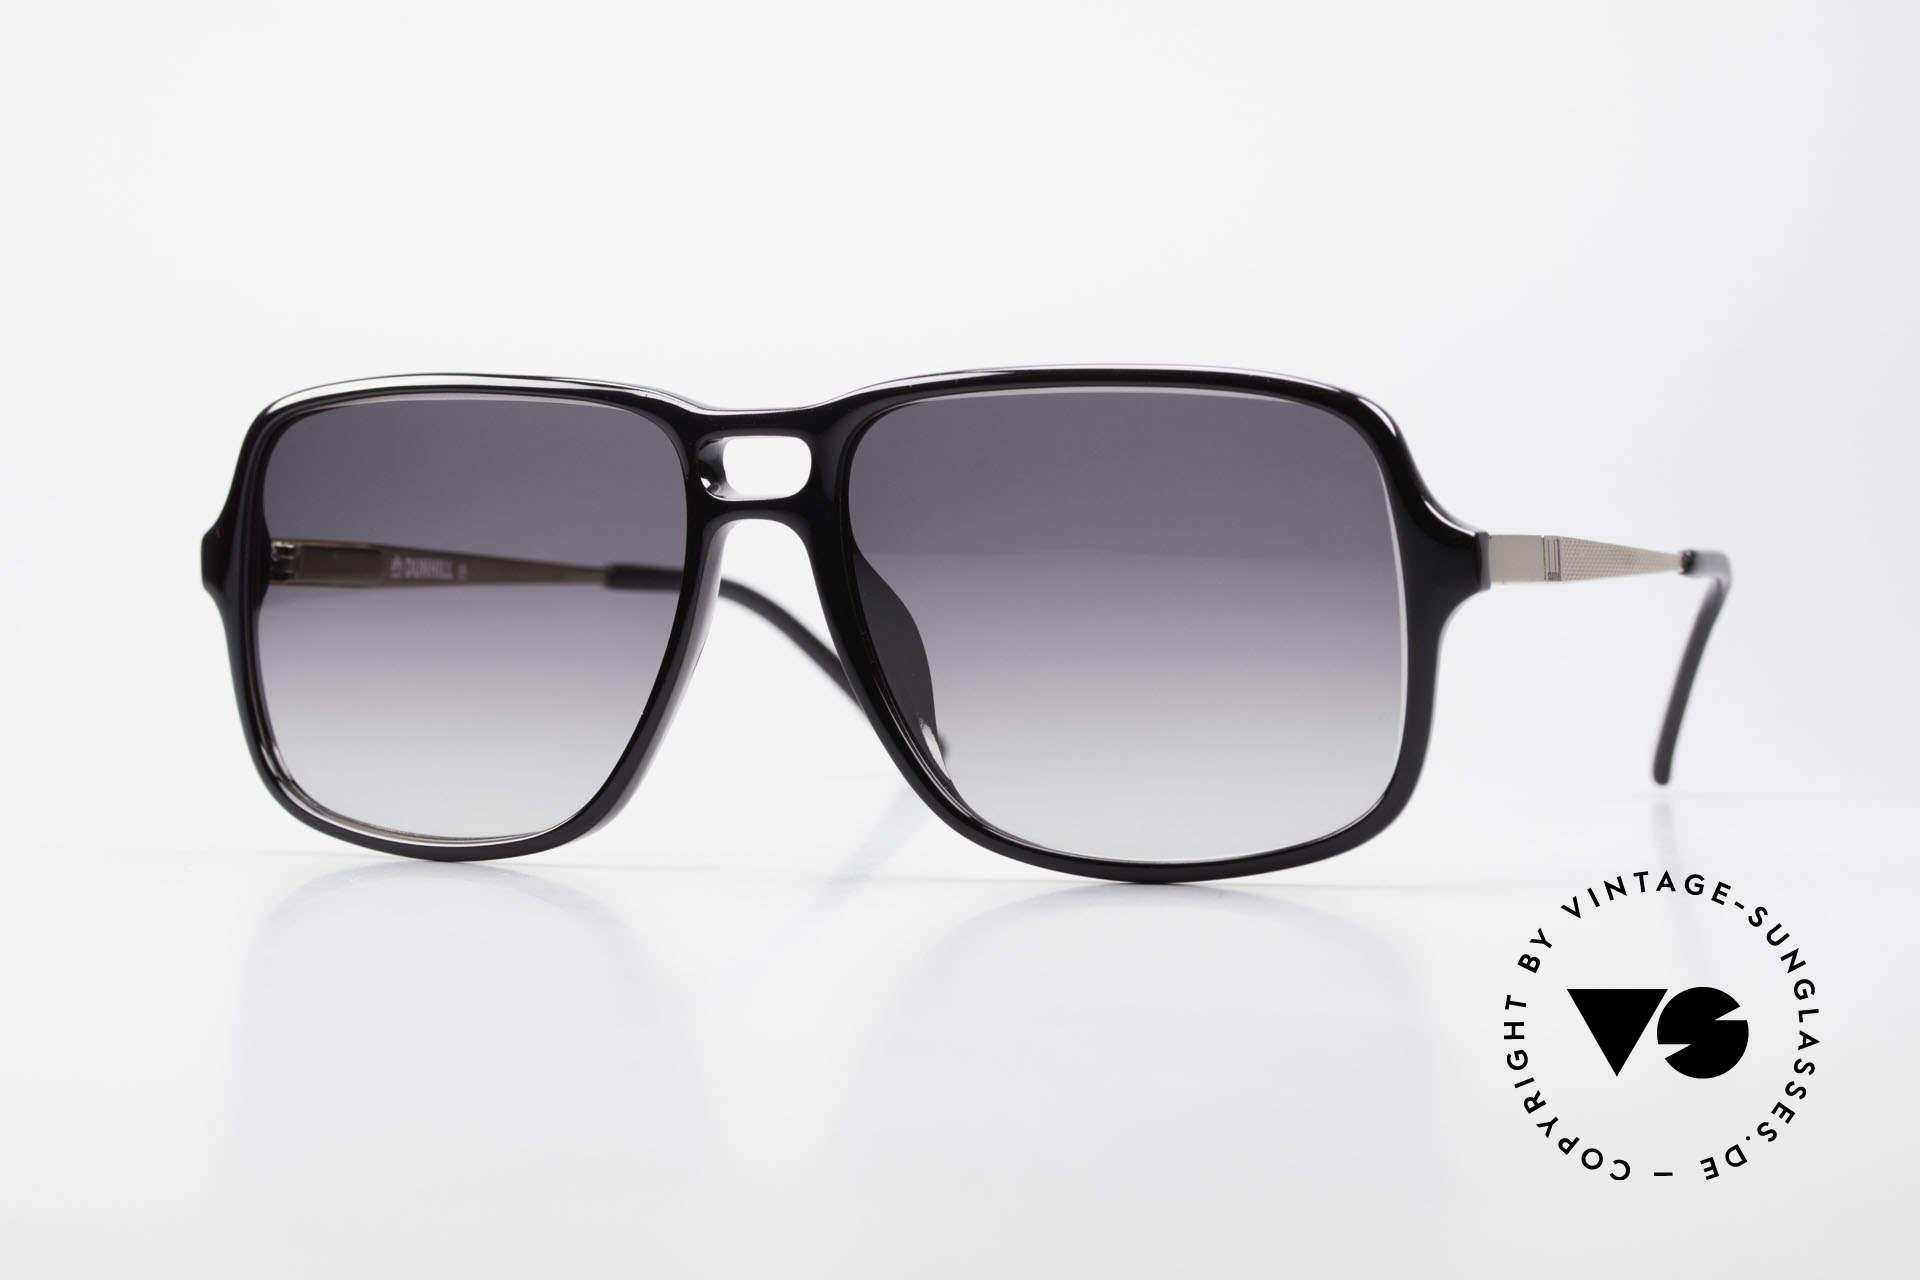 Dunhill 6074 Alte 80er Herren Sonnenbrille, enorm hochwertiges Optyl Gestell (made in Germany), Passend für Herren